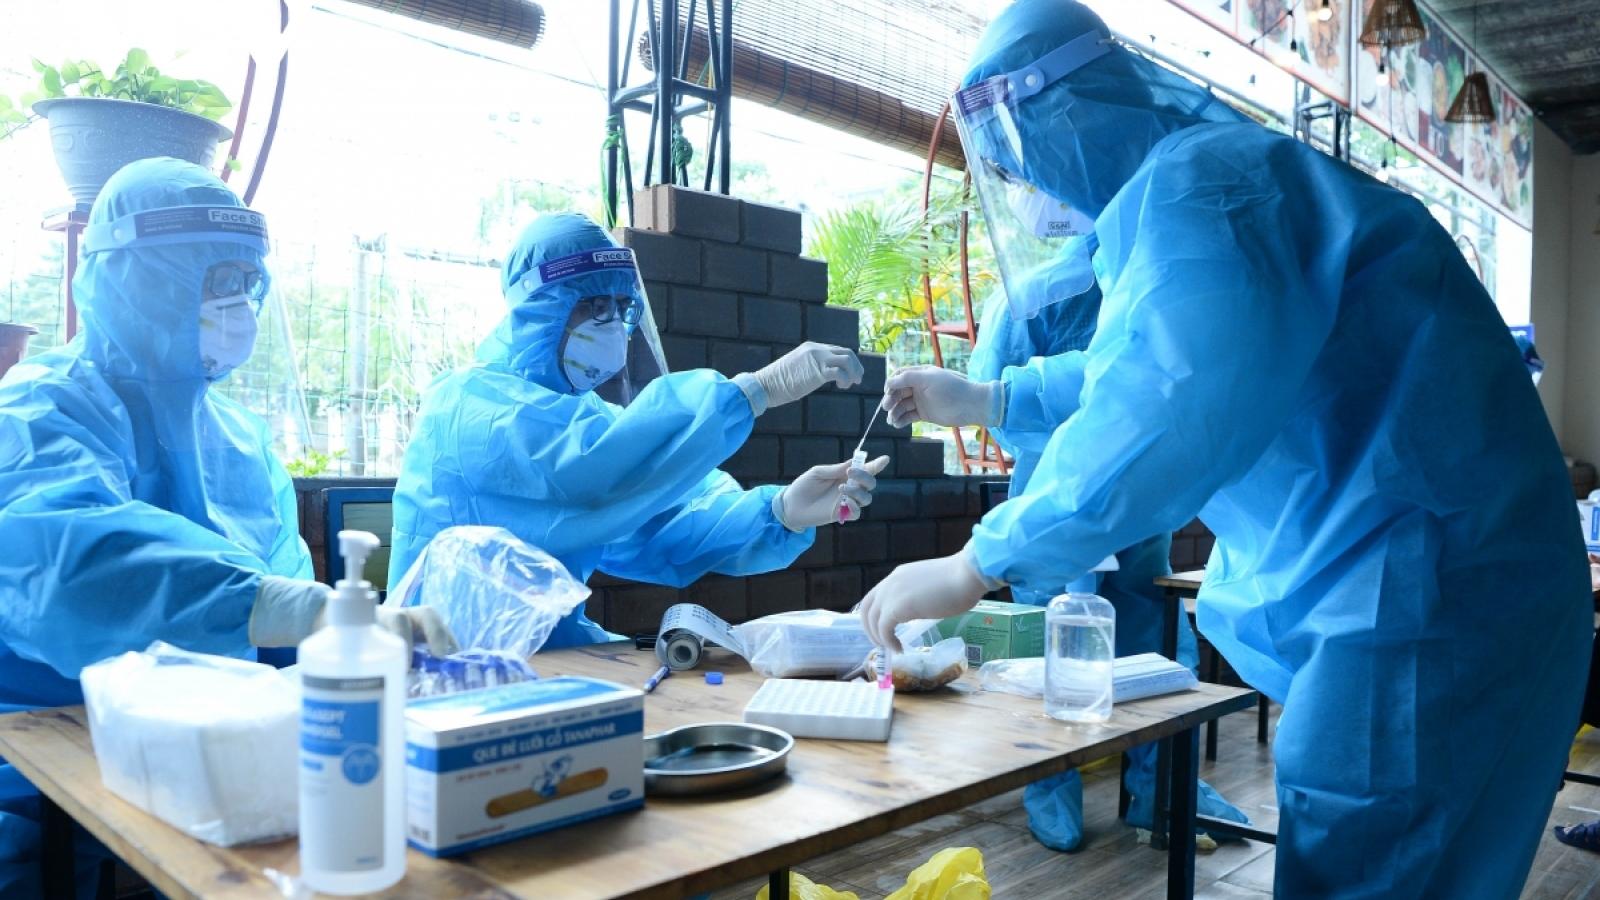 Lịch trình di chuyển của 2 ca dương tính với SARS-CoV-2 vừa phát hiện ở Hà Nội